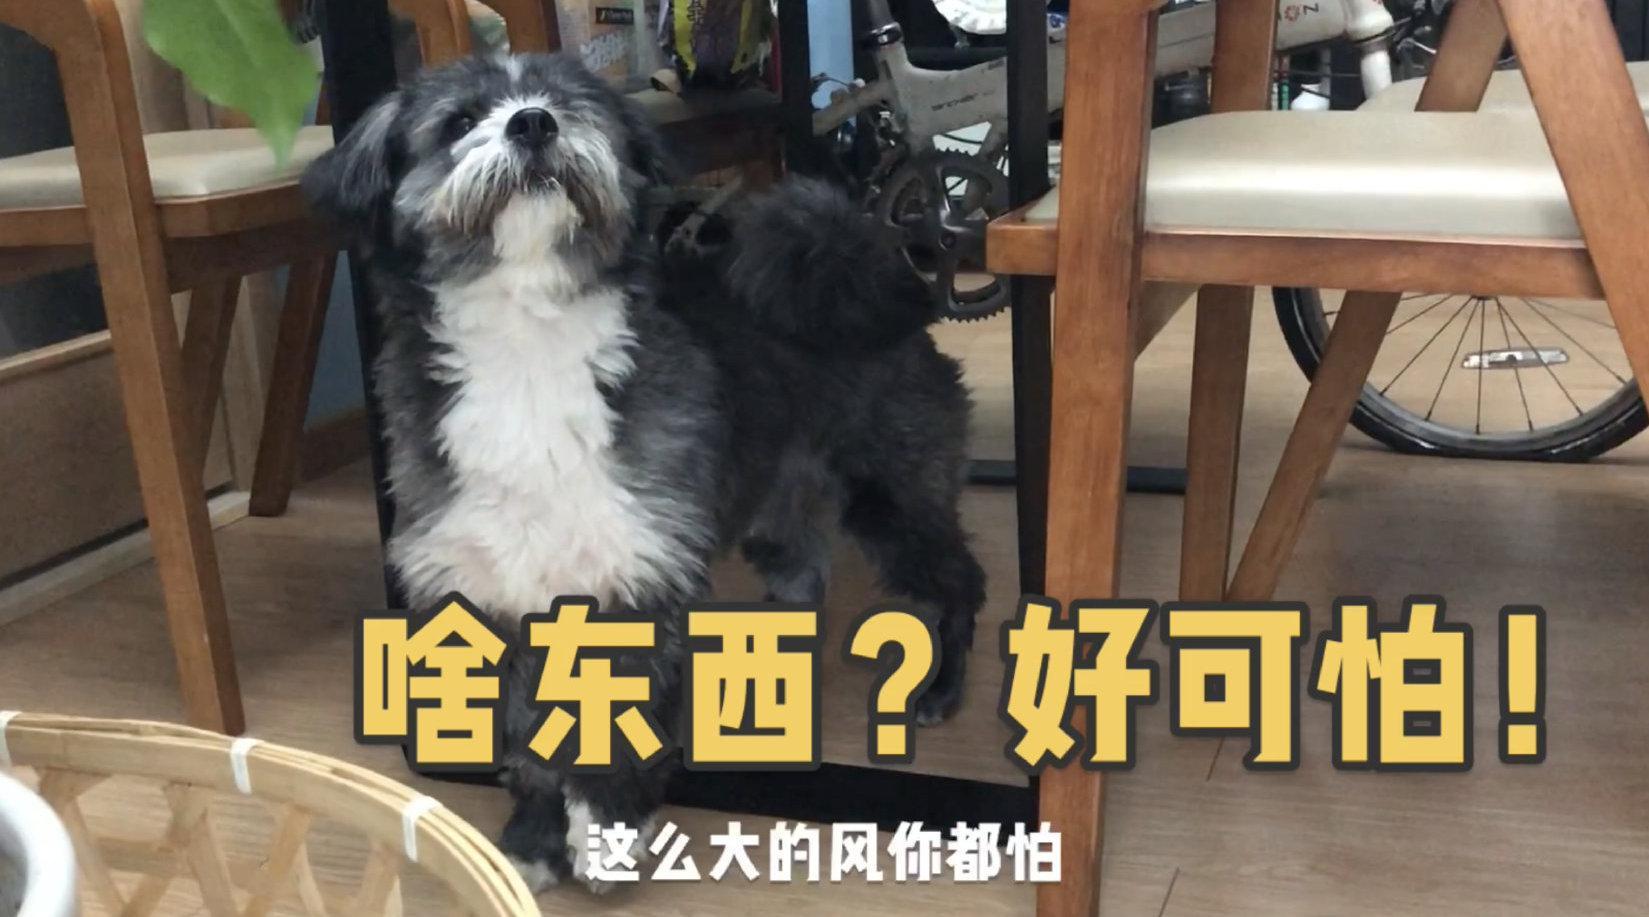 4月10日武汉大风大雨,狗子却急🉐 想要出门撒欢,各种不开心……